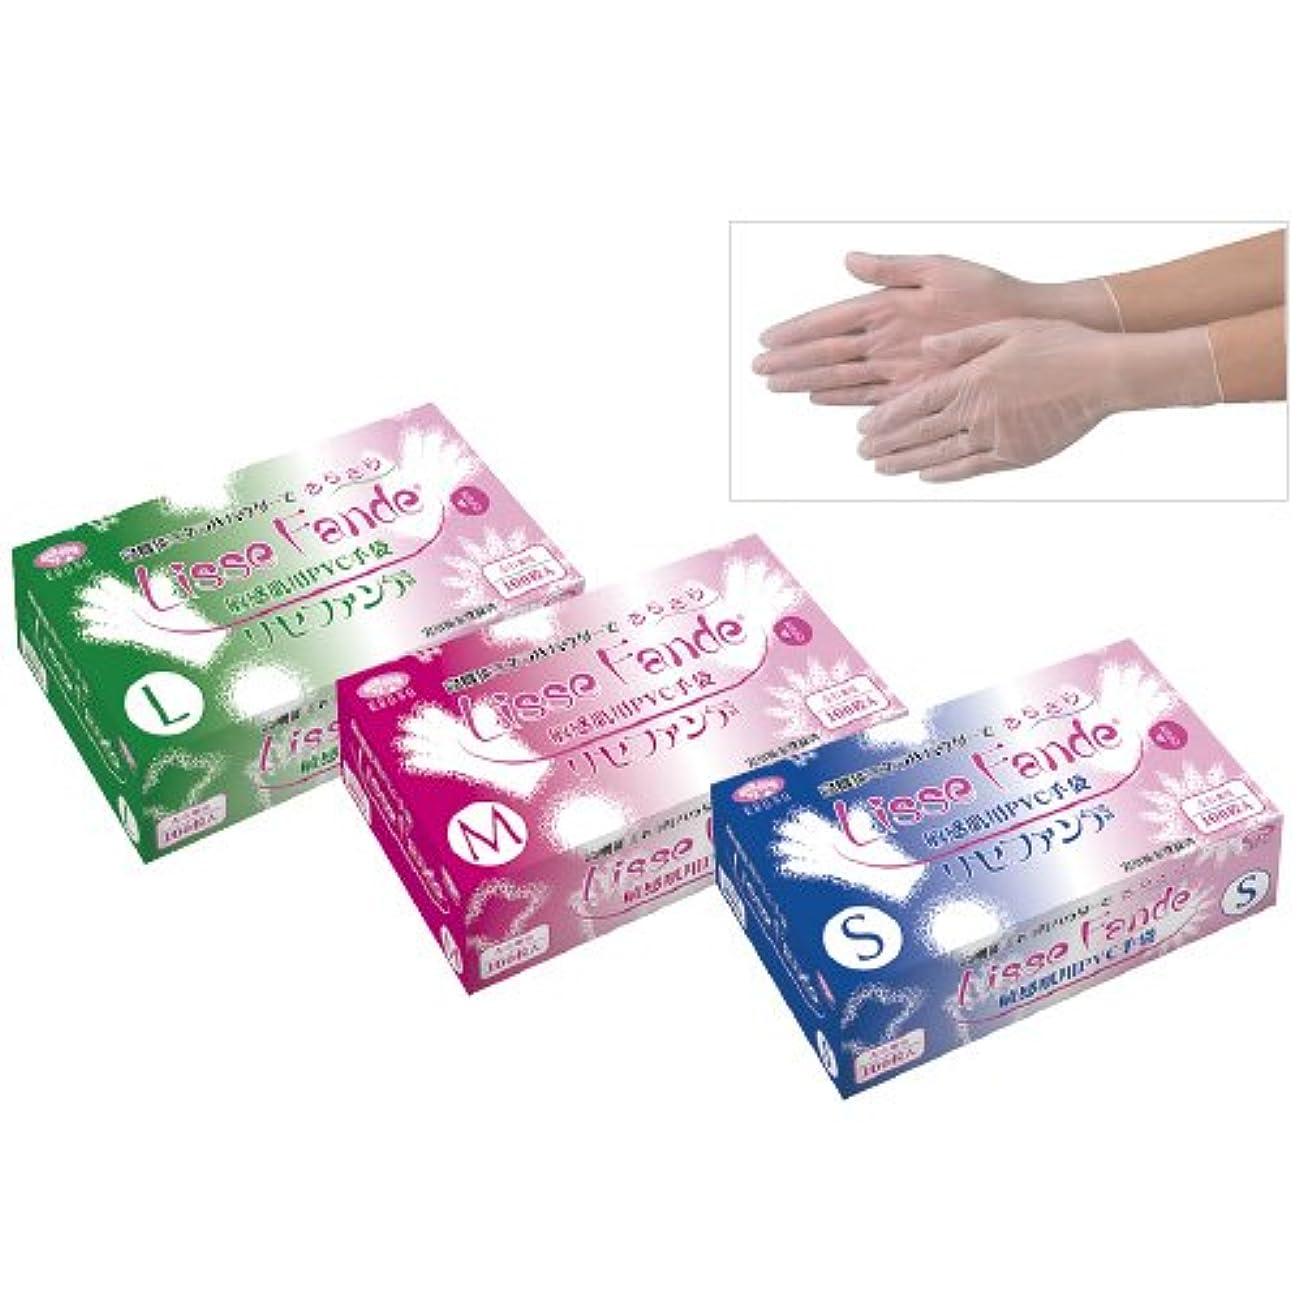 ヒットのヒープ牛肉敏感肌用PVC手袋リセファンデ 117(M)100???? ??????????PVC??????(24-4373-01)【エブノ】[20箱単位]